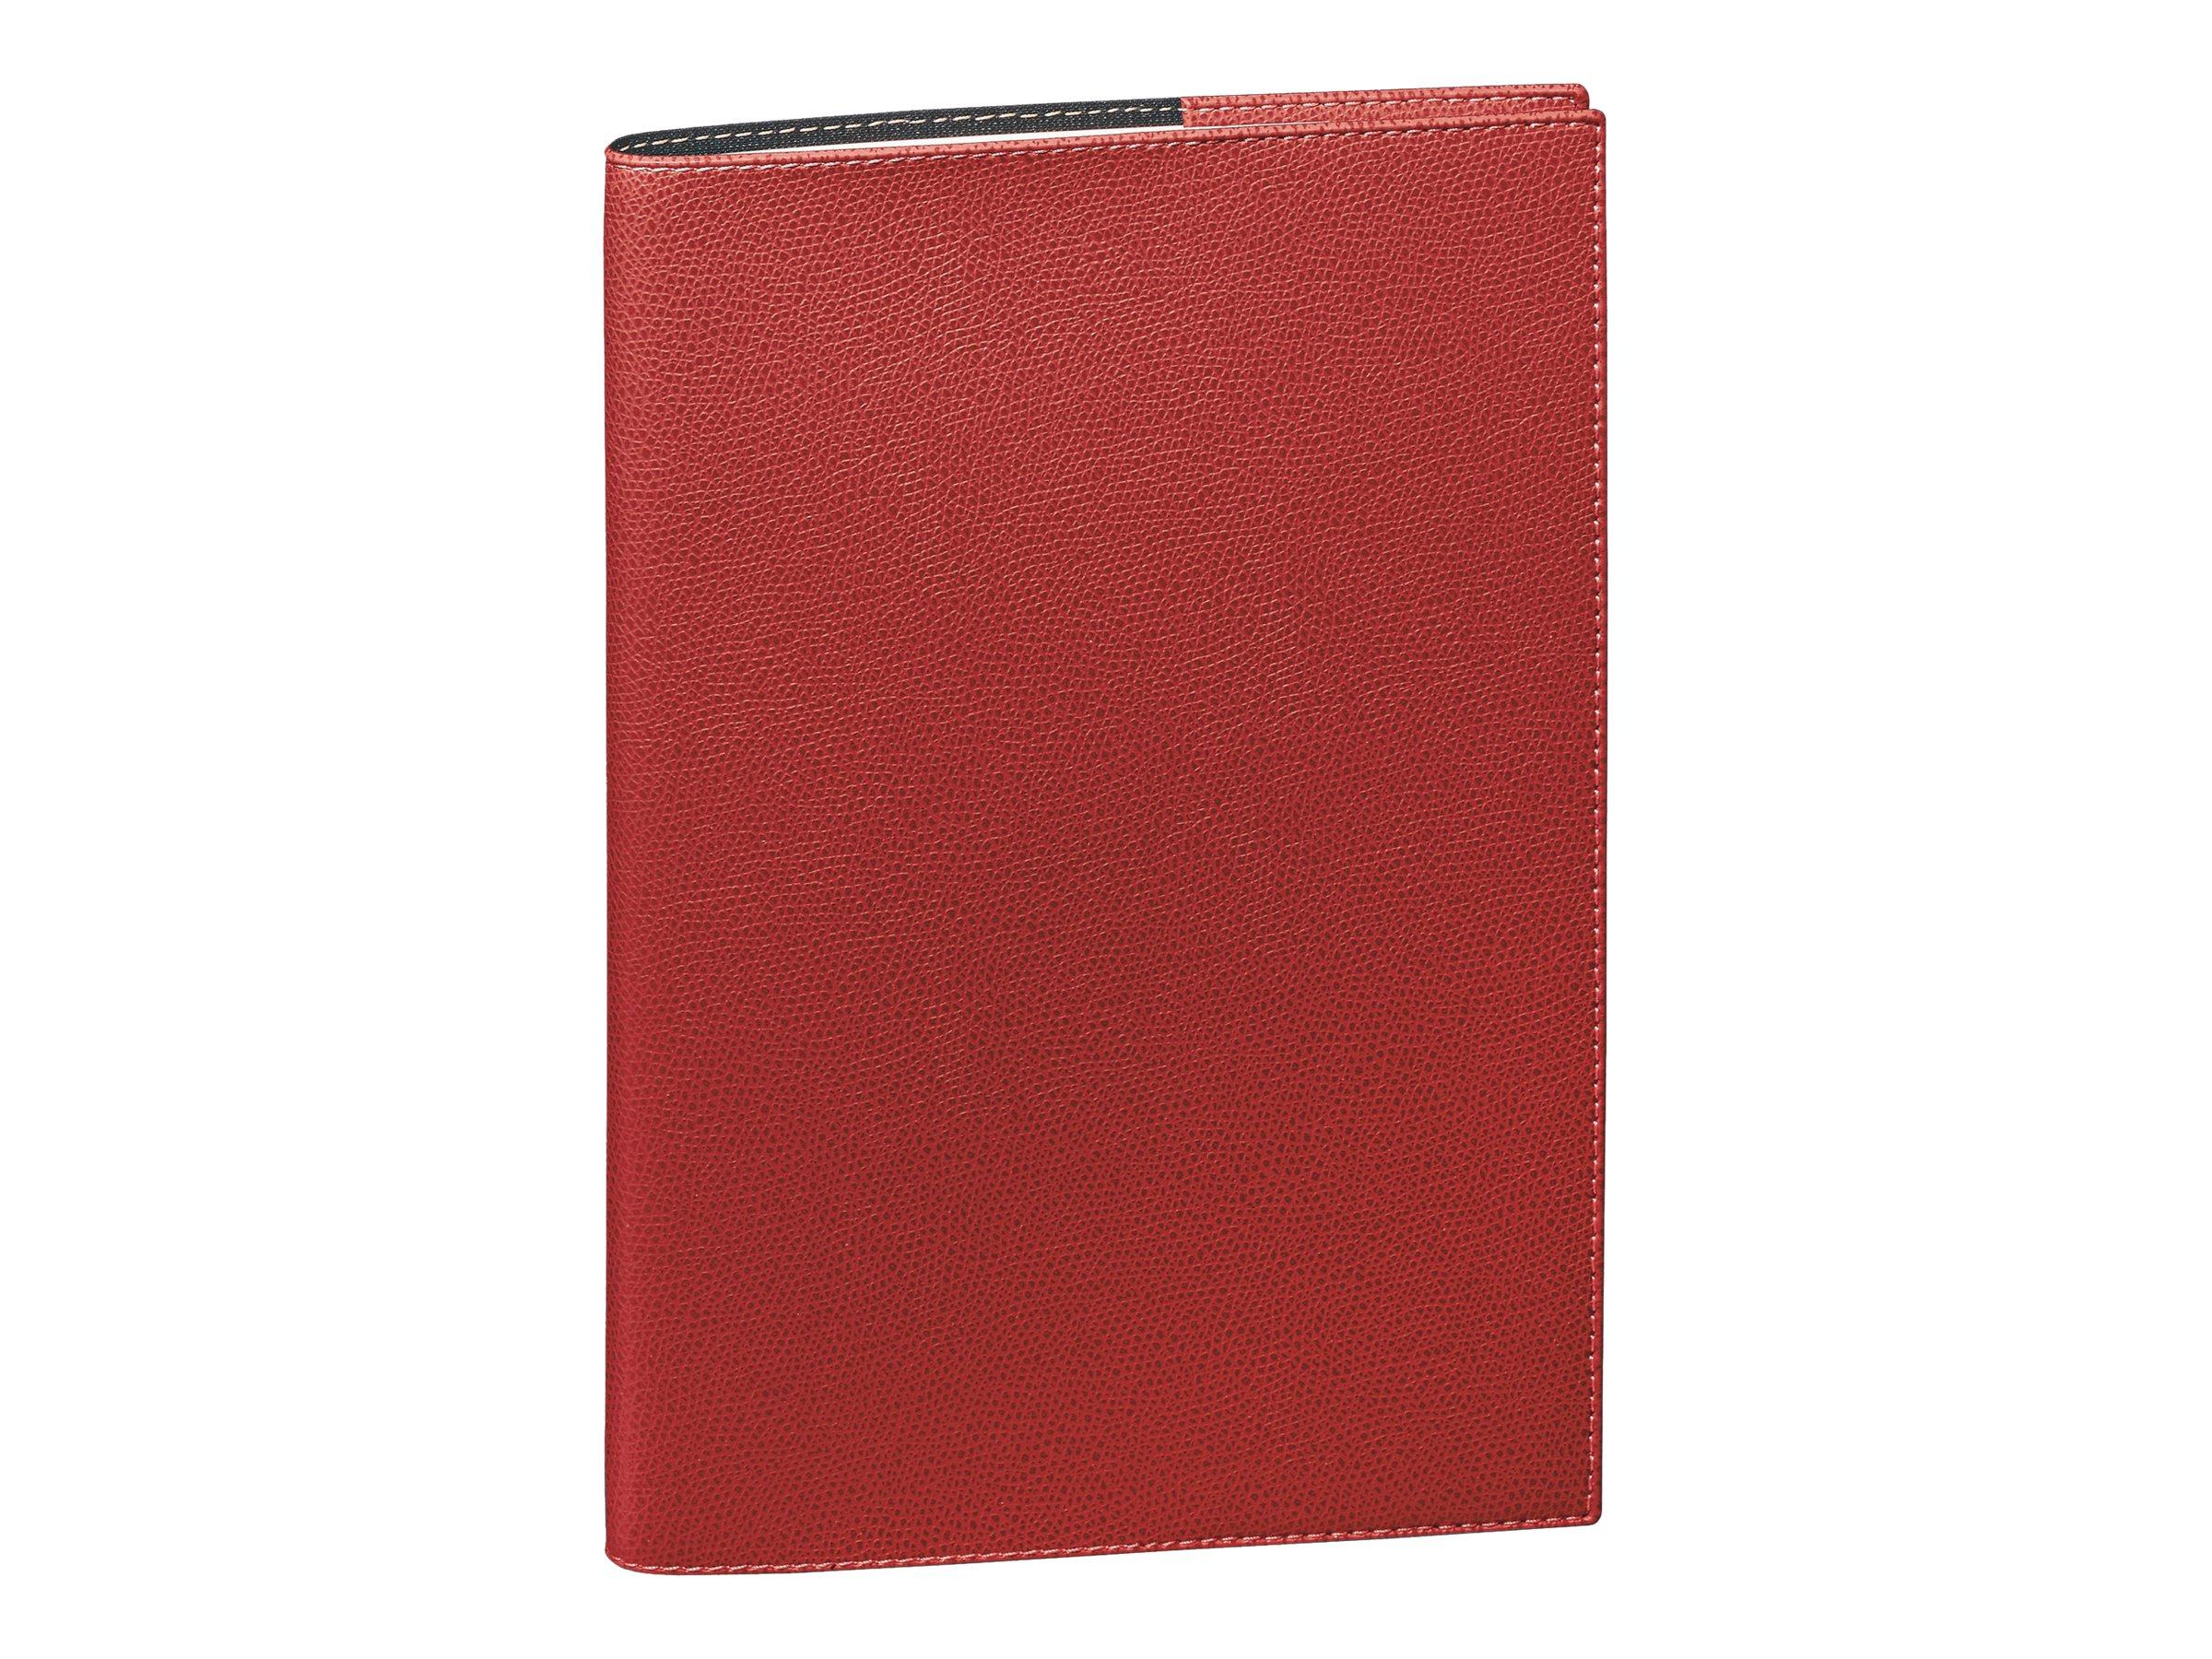 Quo Vadis Agenda Club - Agenda - 1 jour par page - 120 x 170 mm - papier blanc - couverture rouge cerise - toile